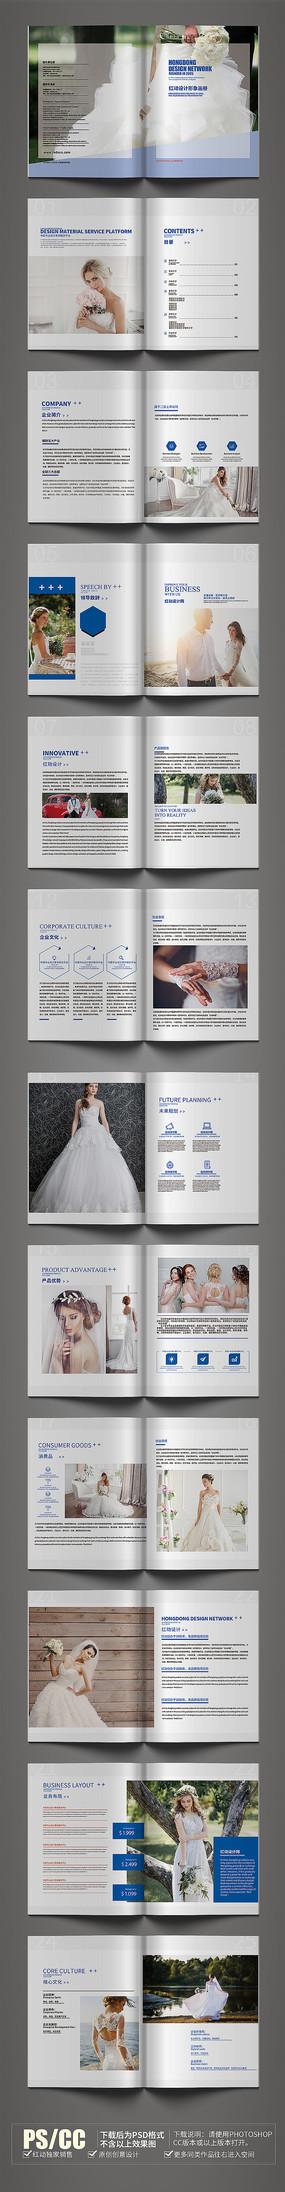 高端时尚婚纱摄影画册设计模板